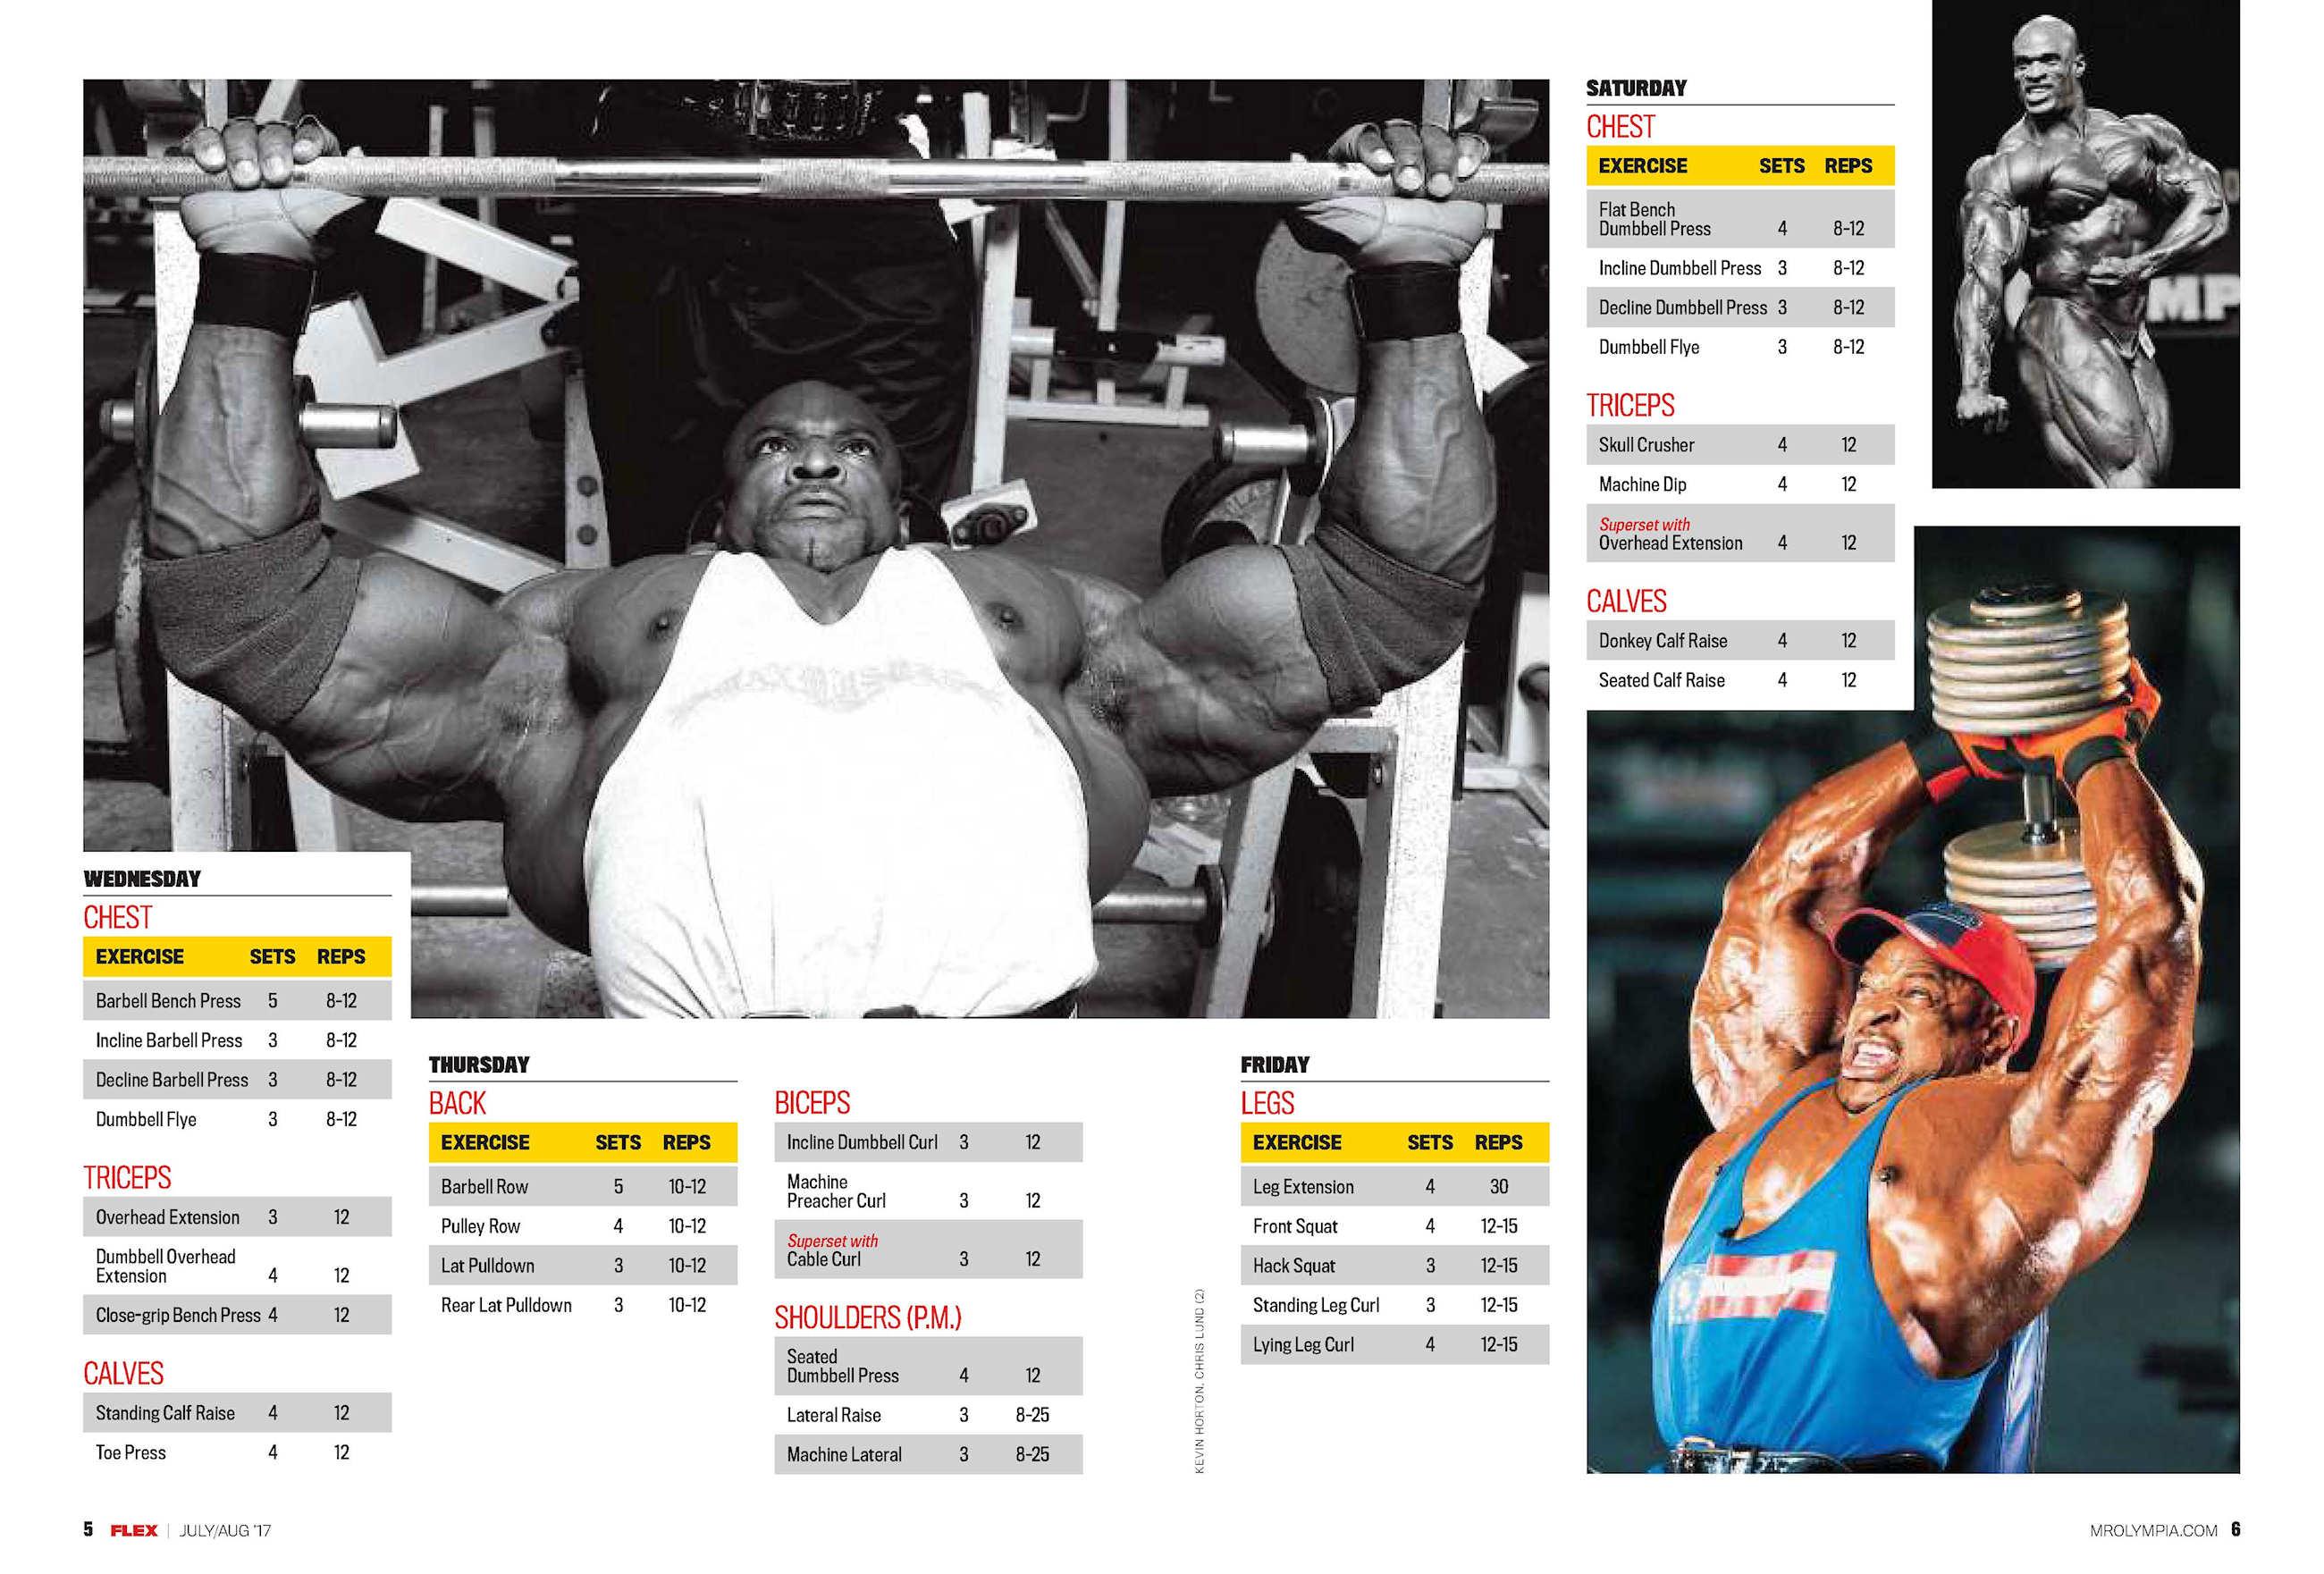 Ронни колеман- система тренировок | бодибилдинг и фитнес программы тренировок, как накачать мышцы, сбросить лишний вес